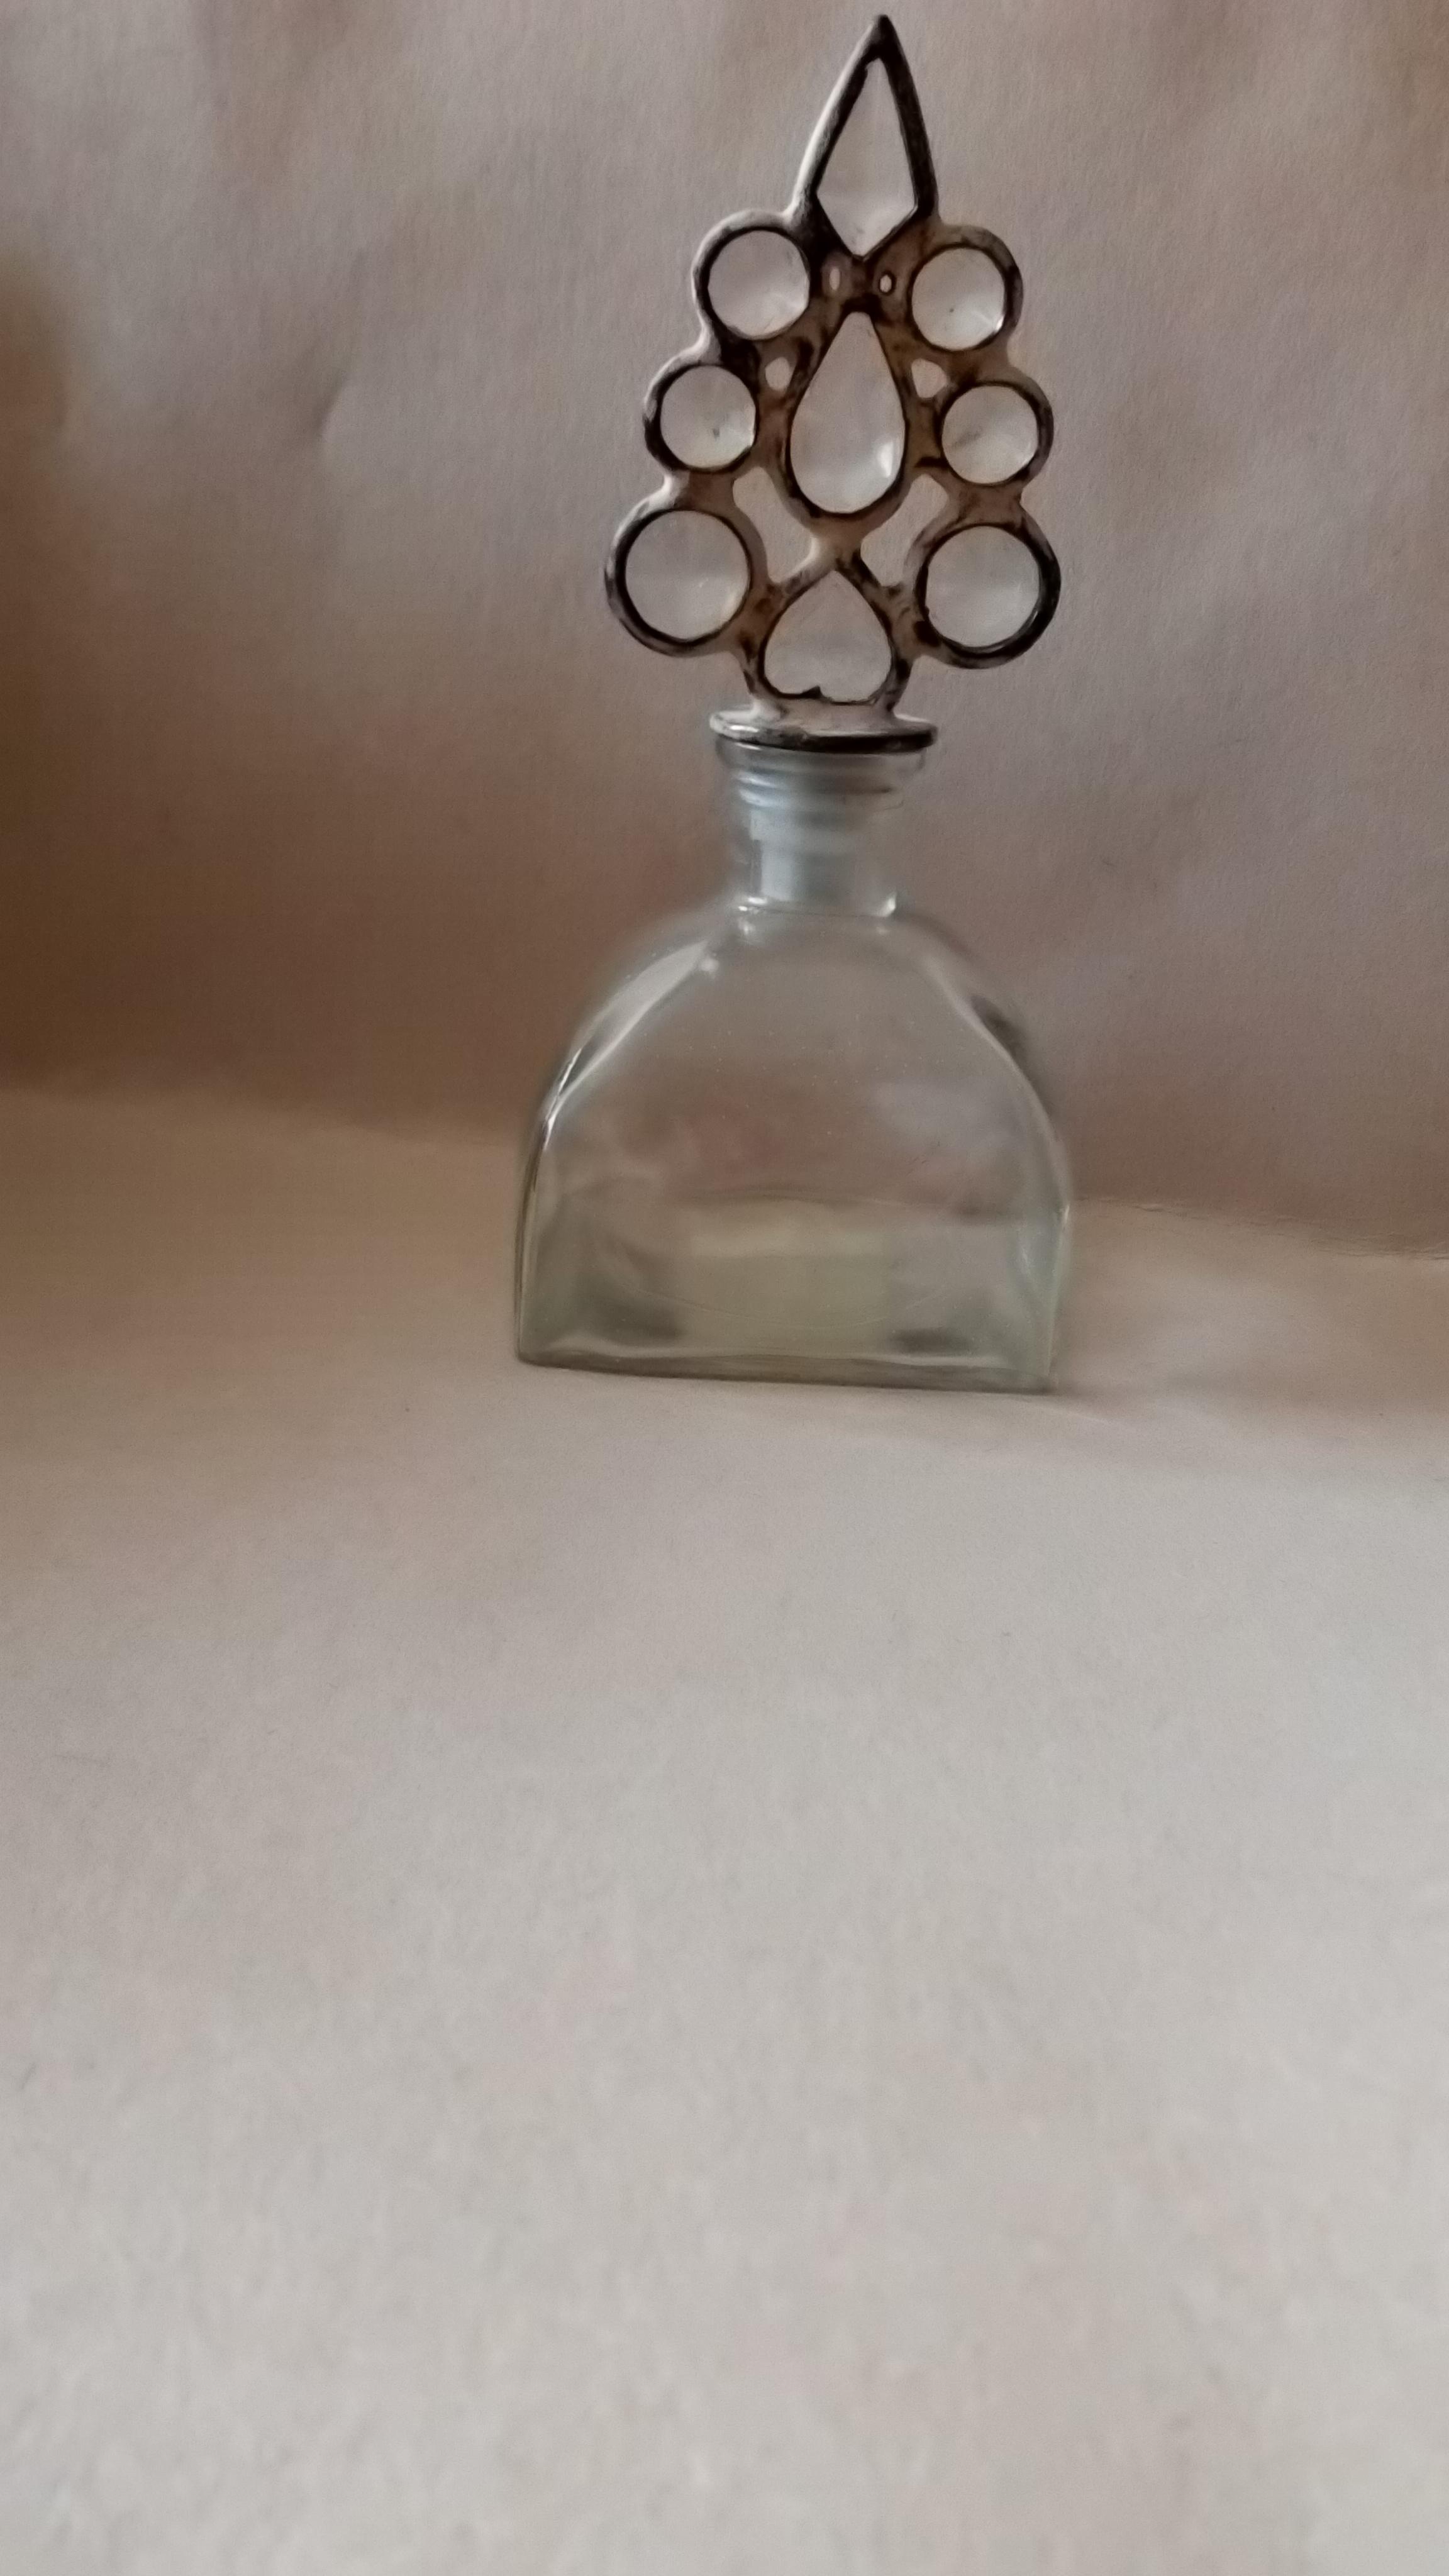 Glasflasche tauschen